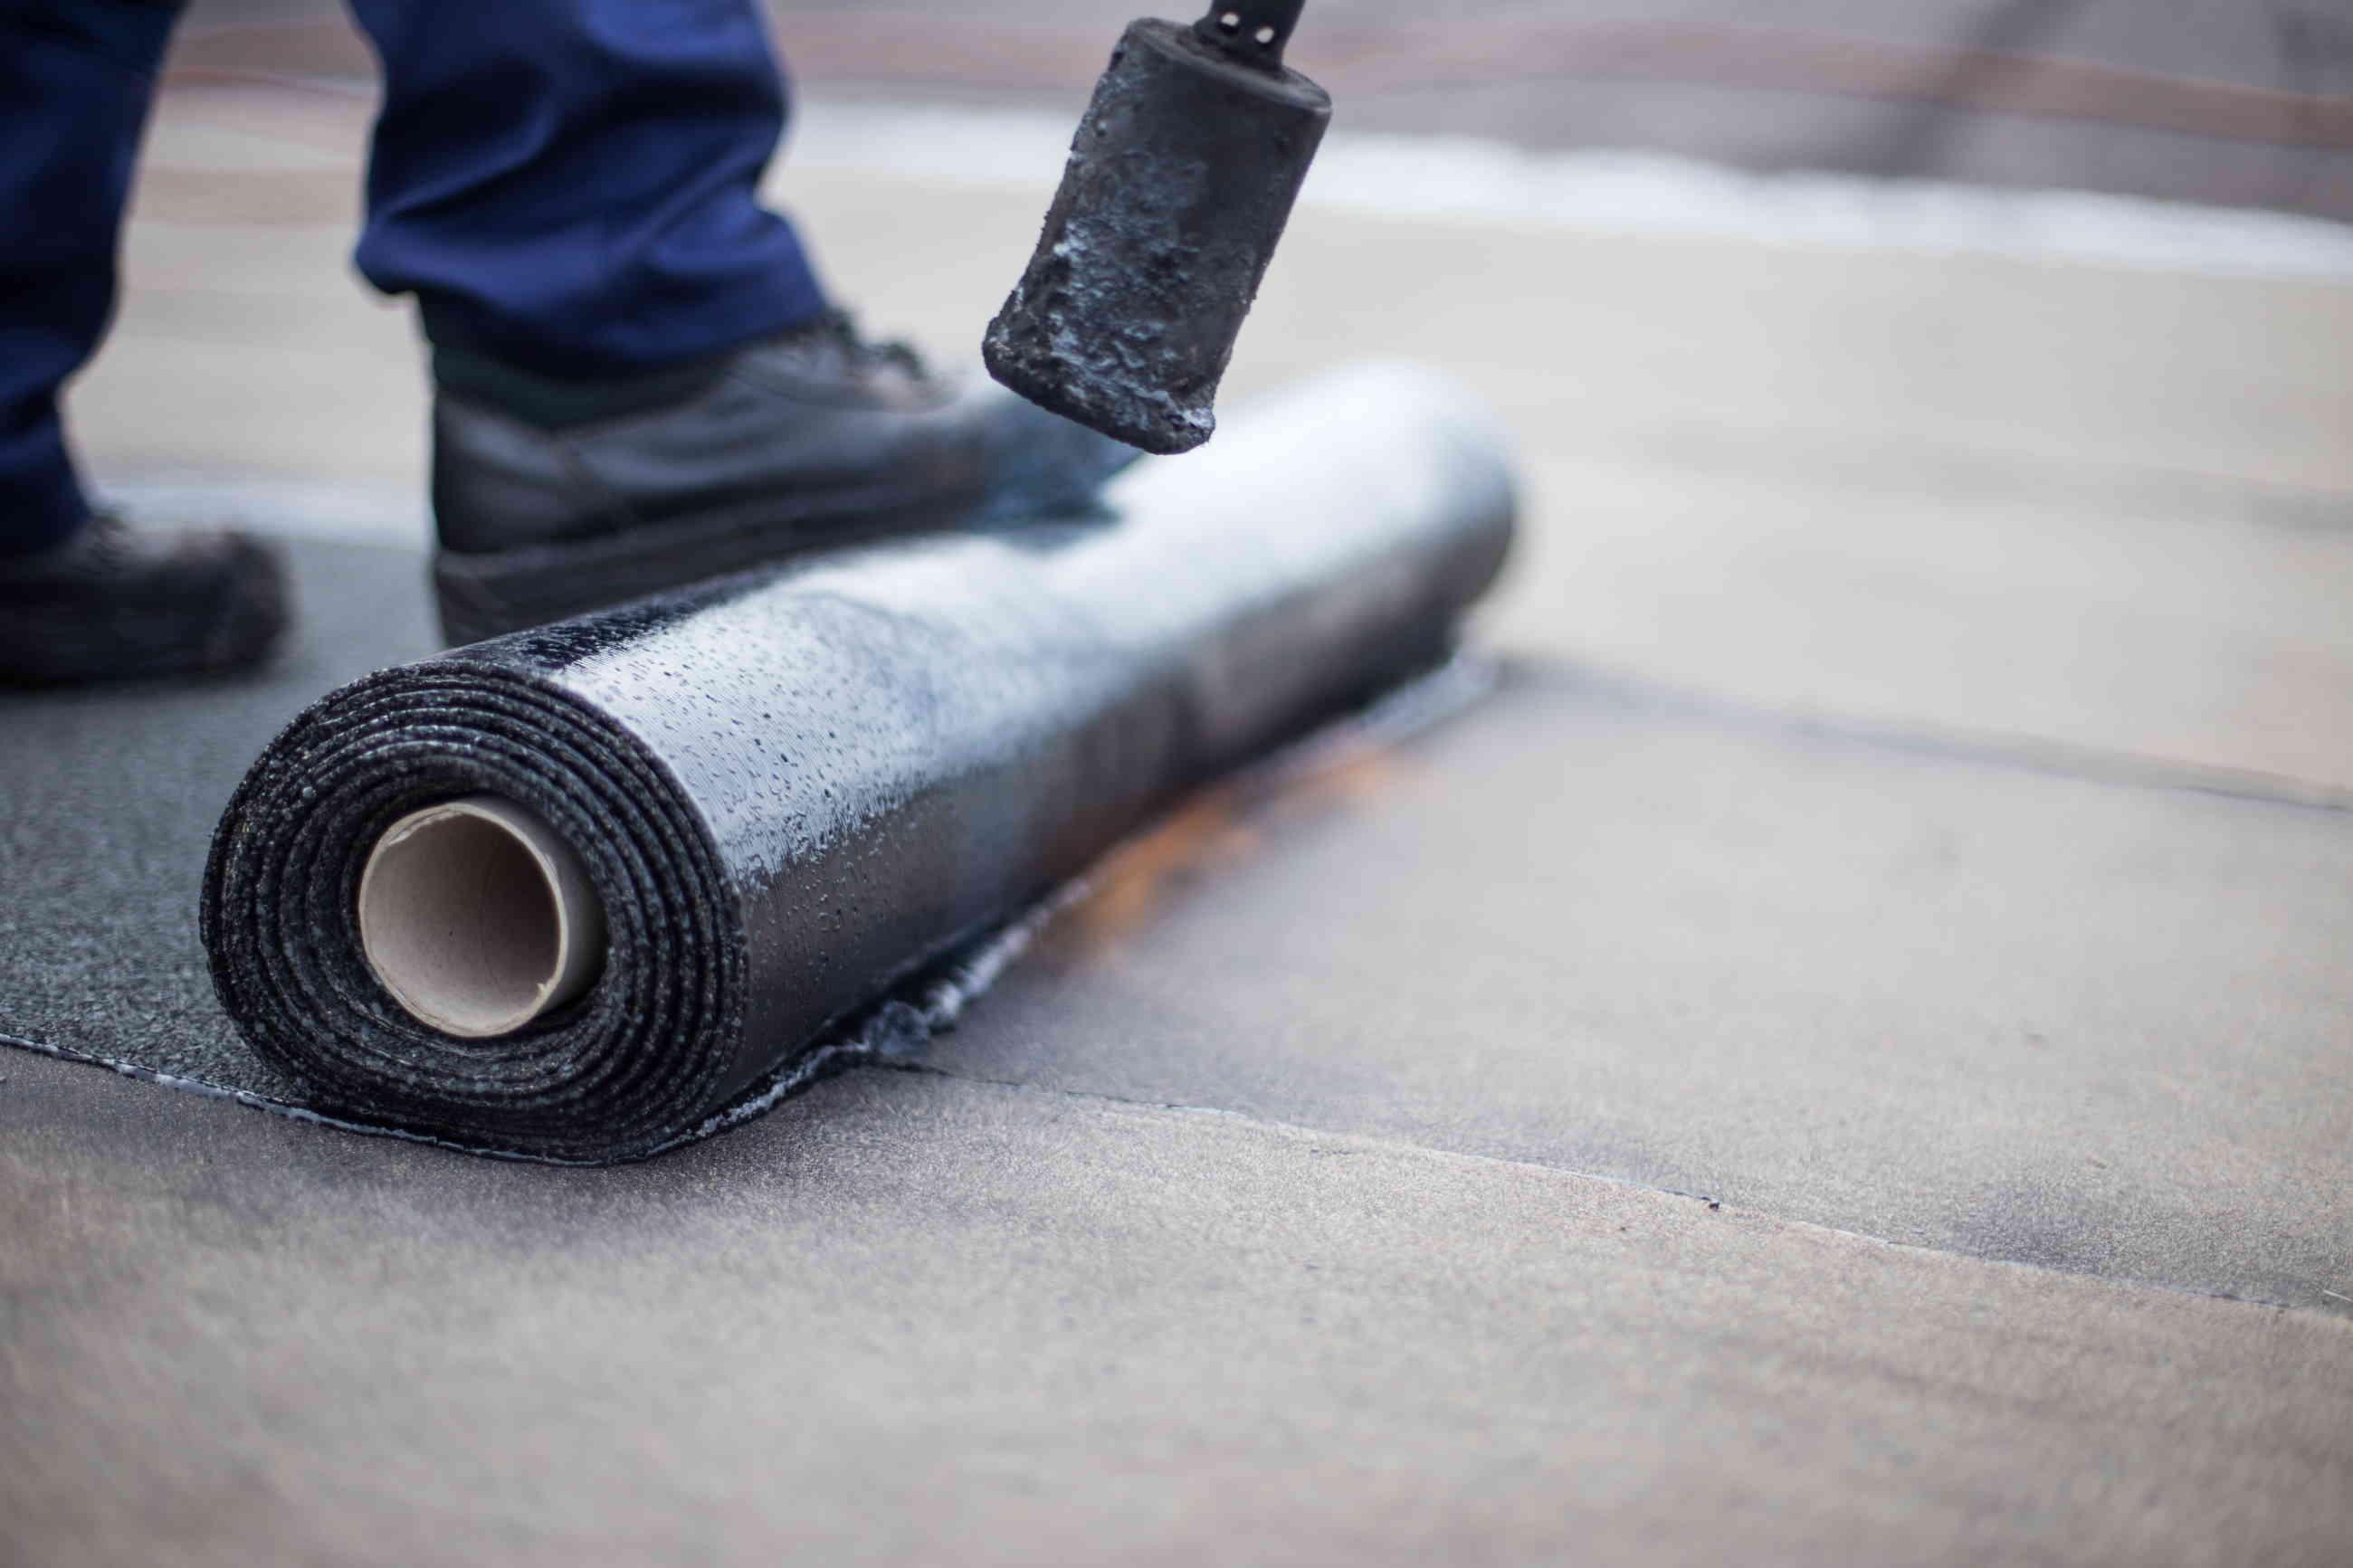 IMG - Bitumikermin asennus loivalle katolle bitumikermin hitsaaminen lähikuvassa - 2600px / 1733px